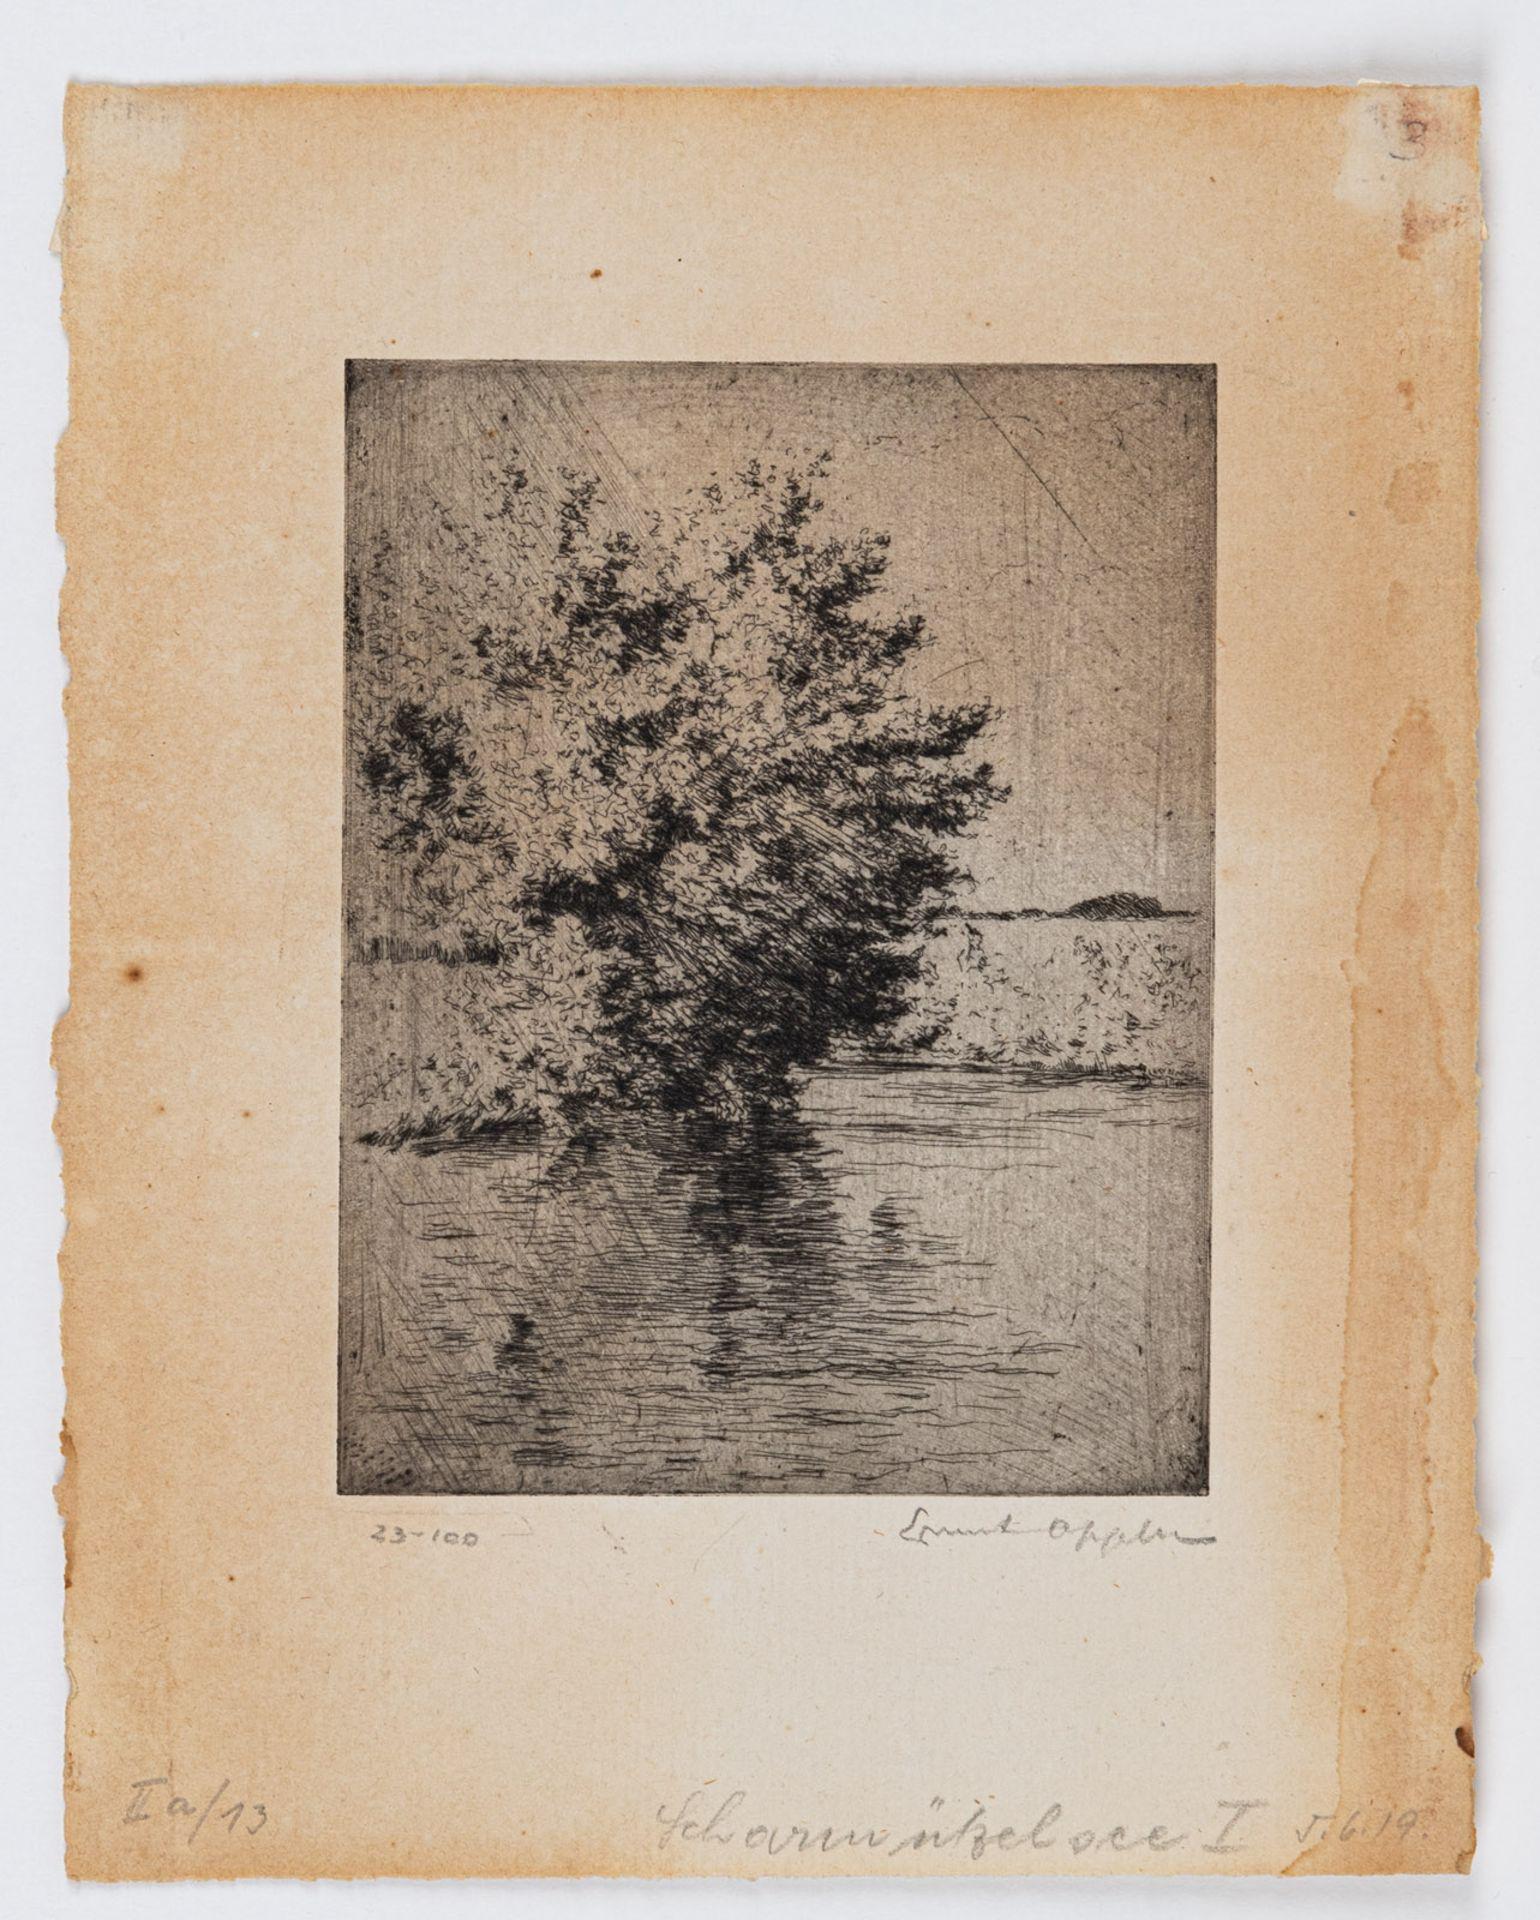 Oppler, Ernst - Image 9 of 9